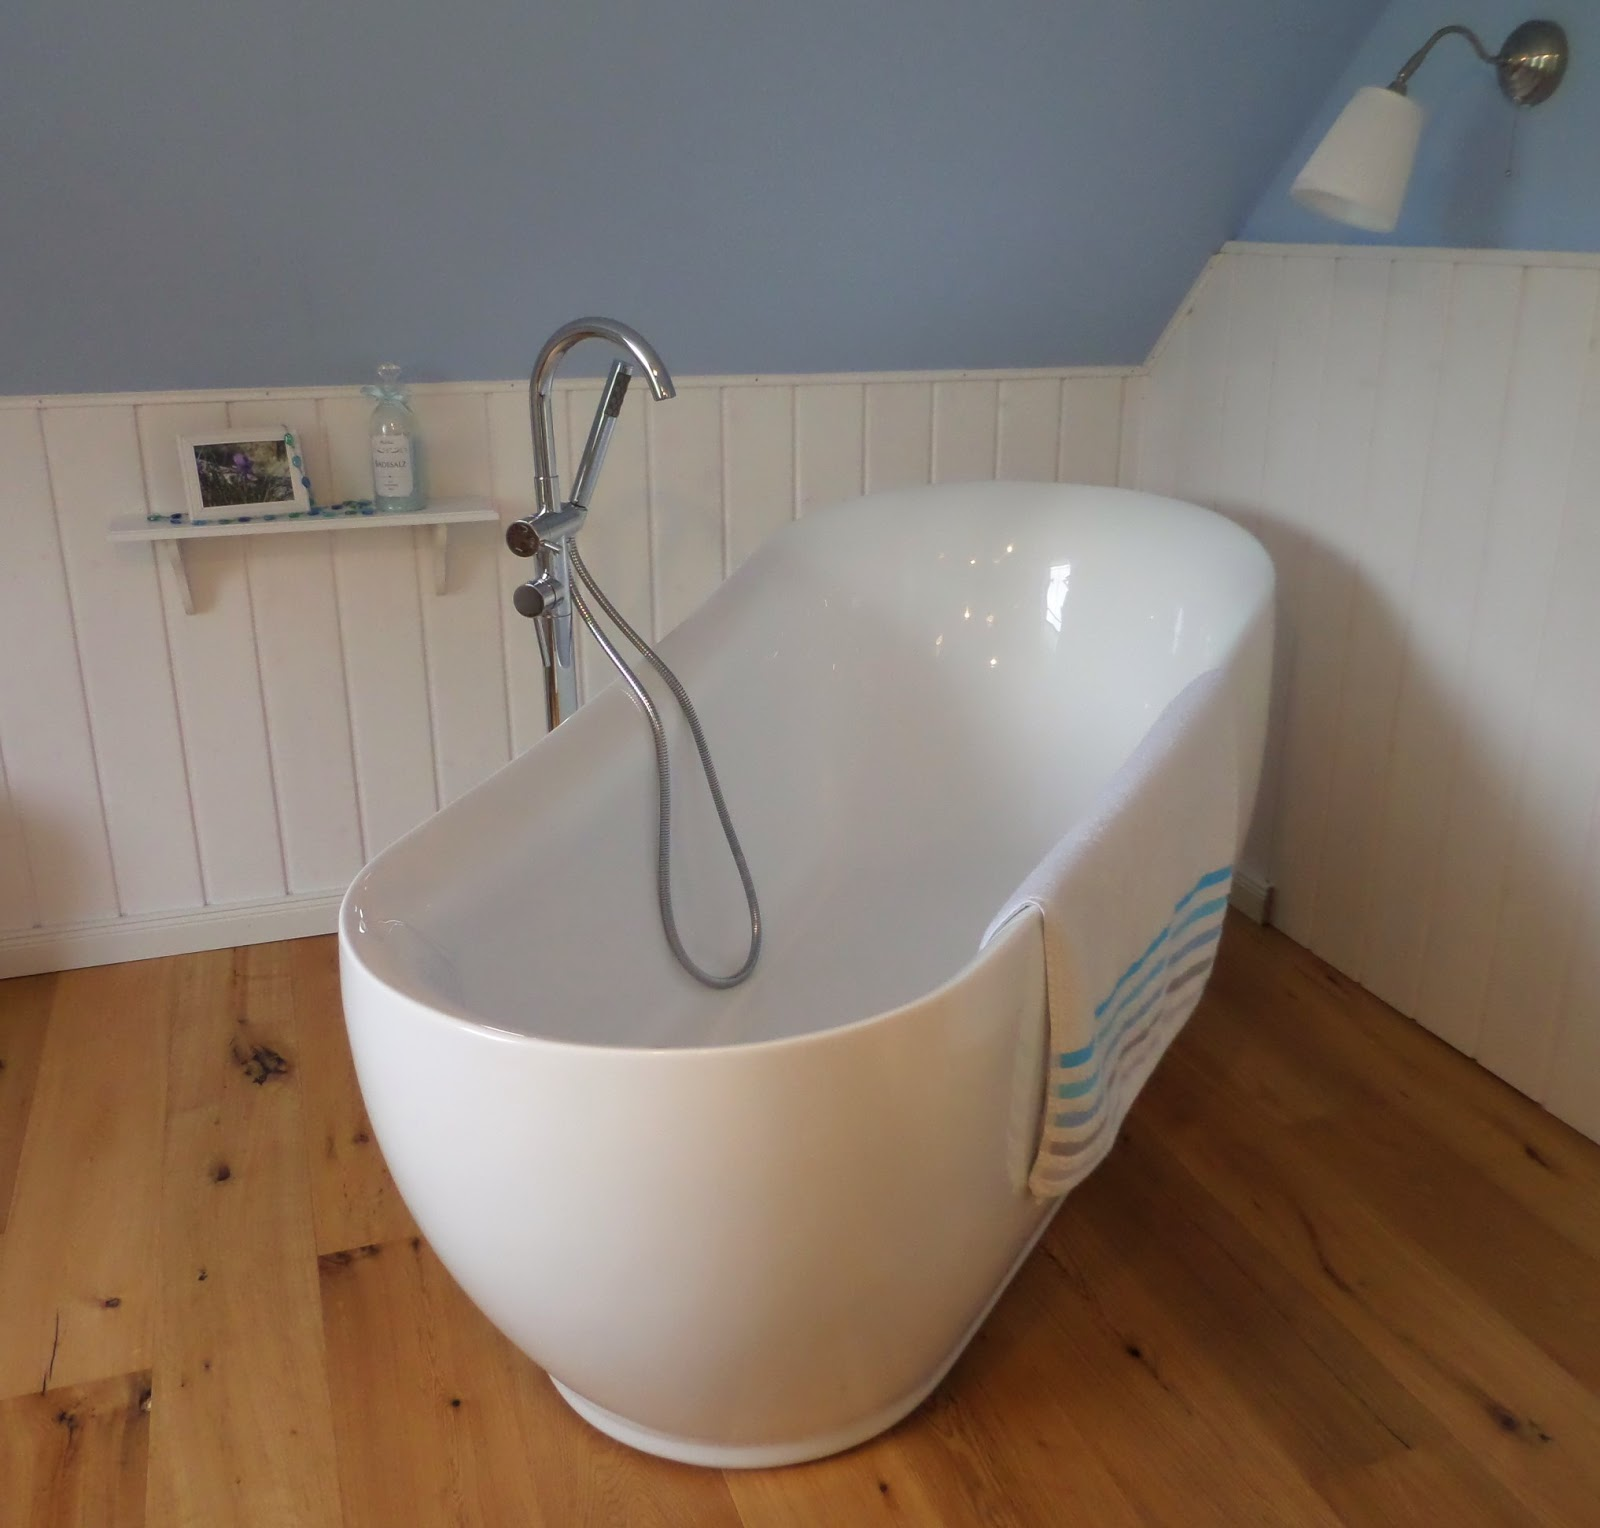 Schwedenhaus badezimmer  Kleine Lotta ~ Unser Schwedenhaus: Badezimmer und noch mehr ...